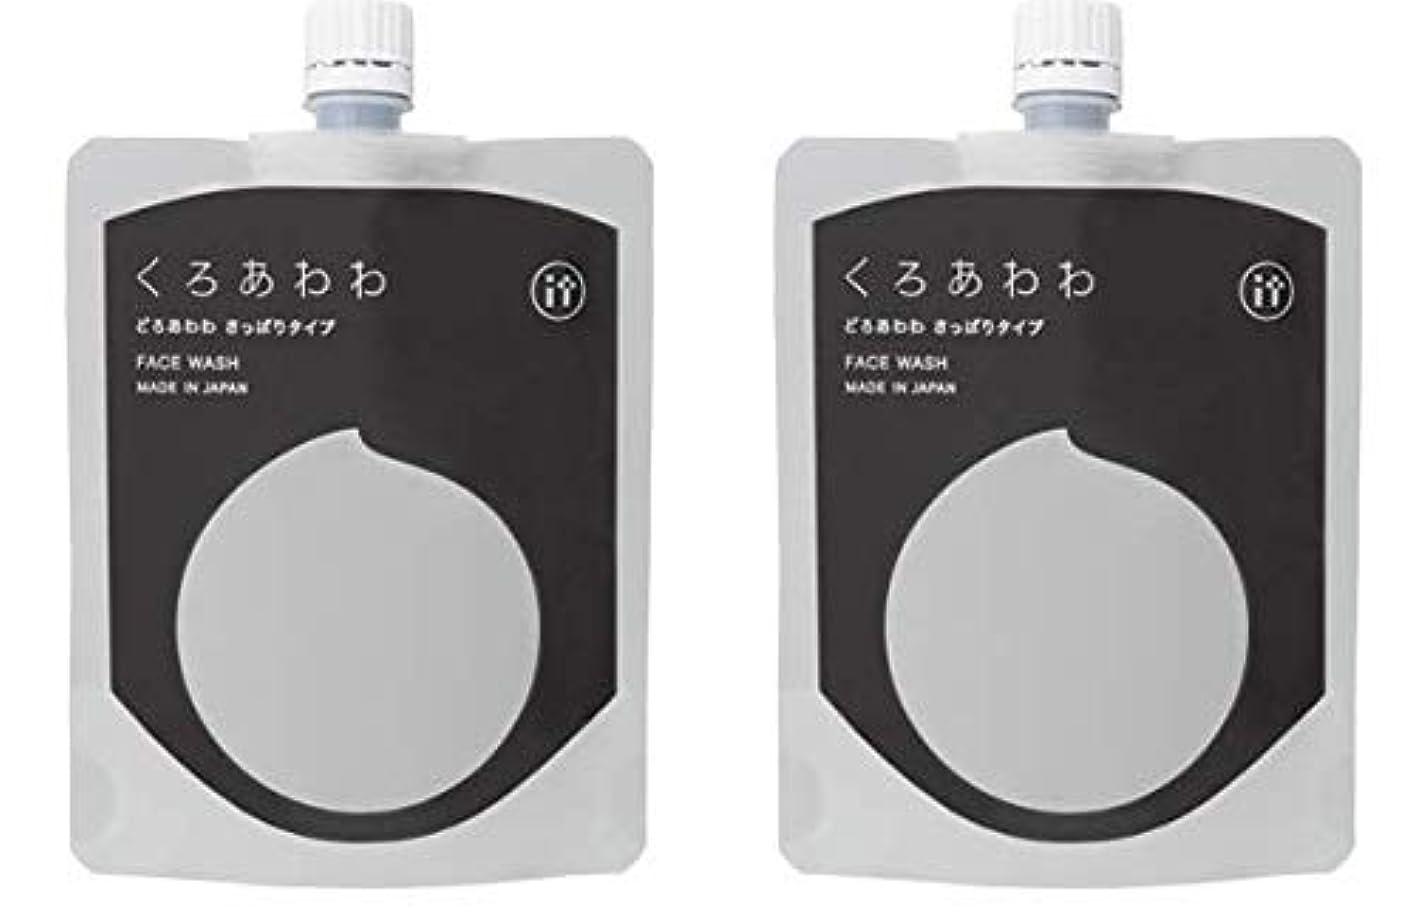 トランペットフォーマル冬くろあわわ洗顔 リニューアル版 どろあわわ どろ豆乳石鹸 110g 2個セット ネット付き